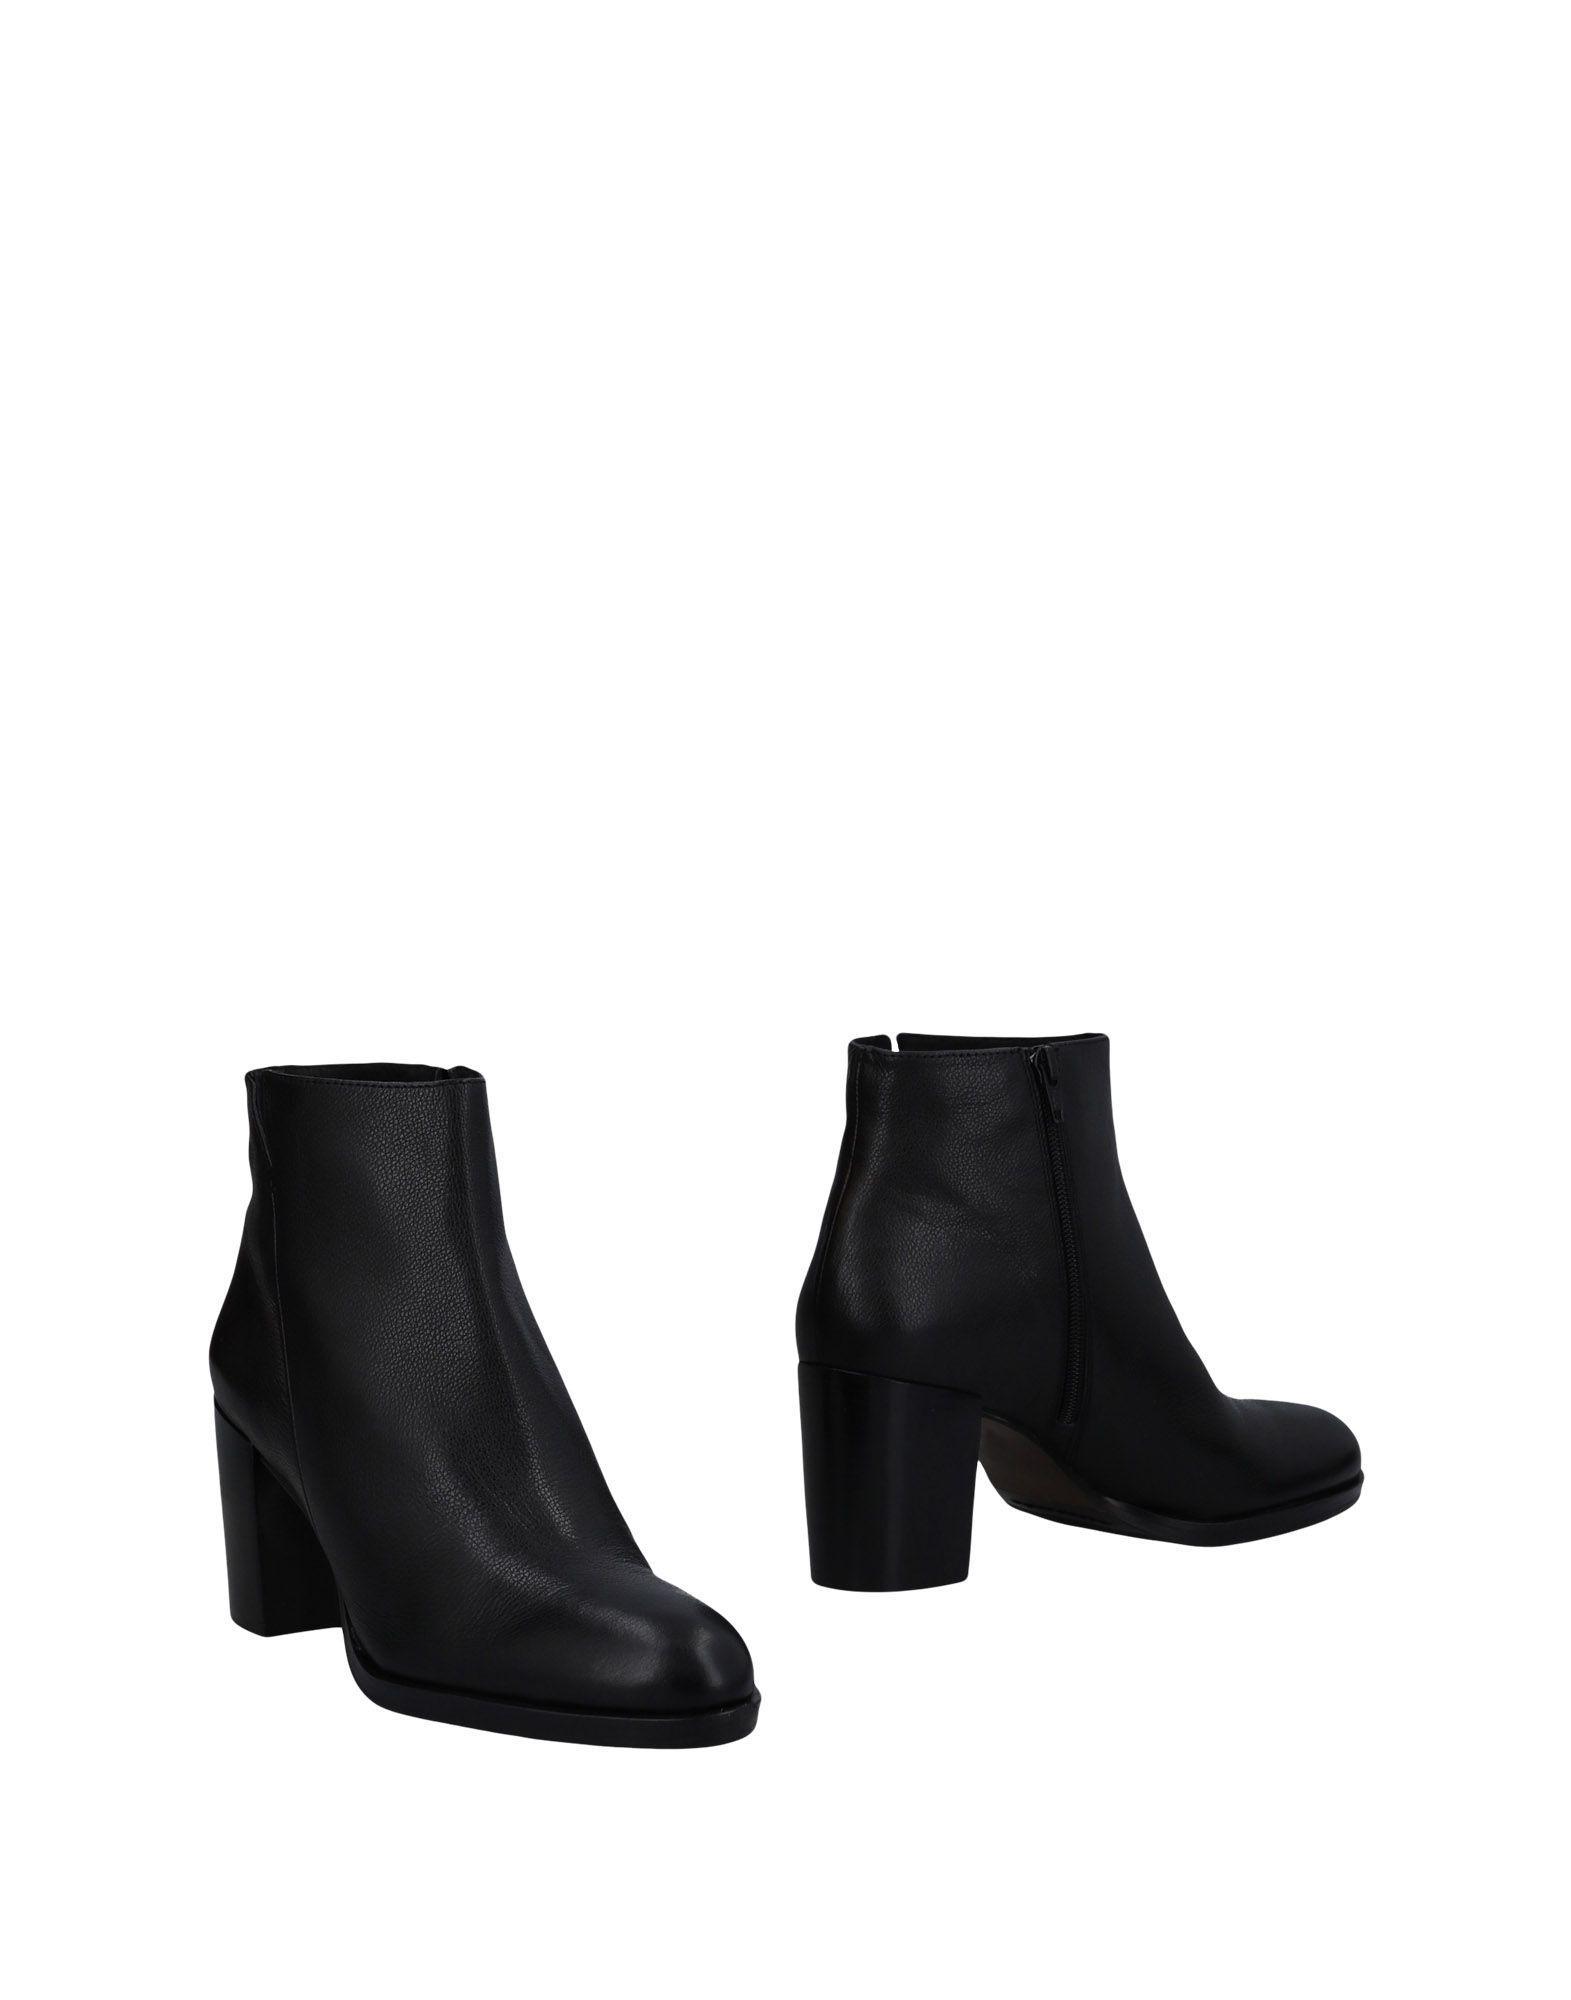 Cuoieria Stiefelette Damen  11487170UE Gute Qualität beliebte Schuhe